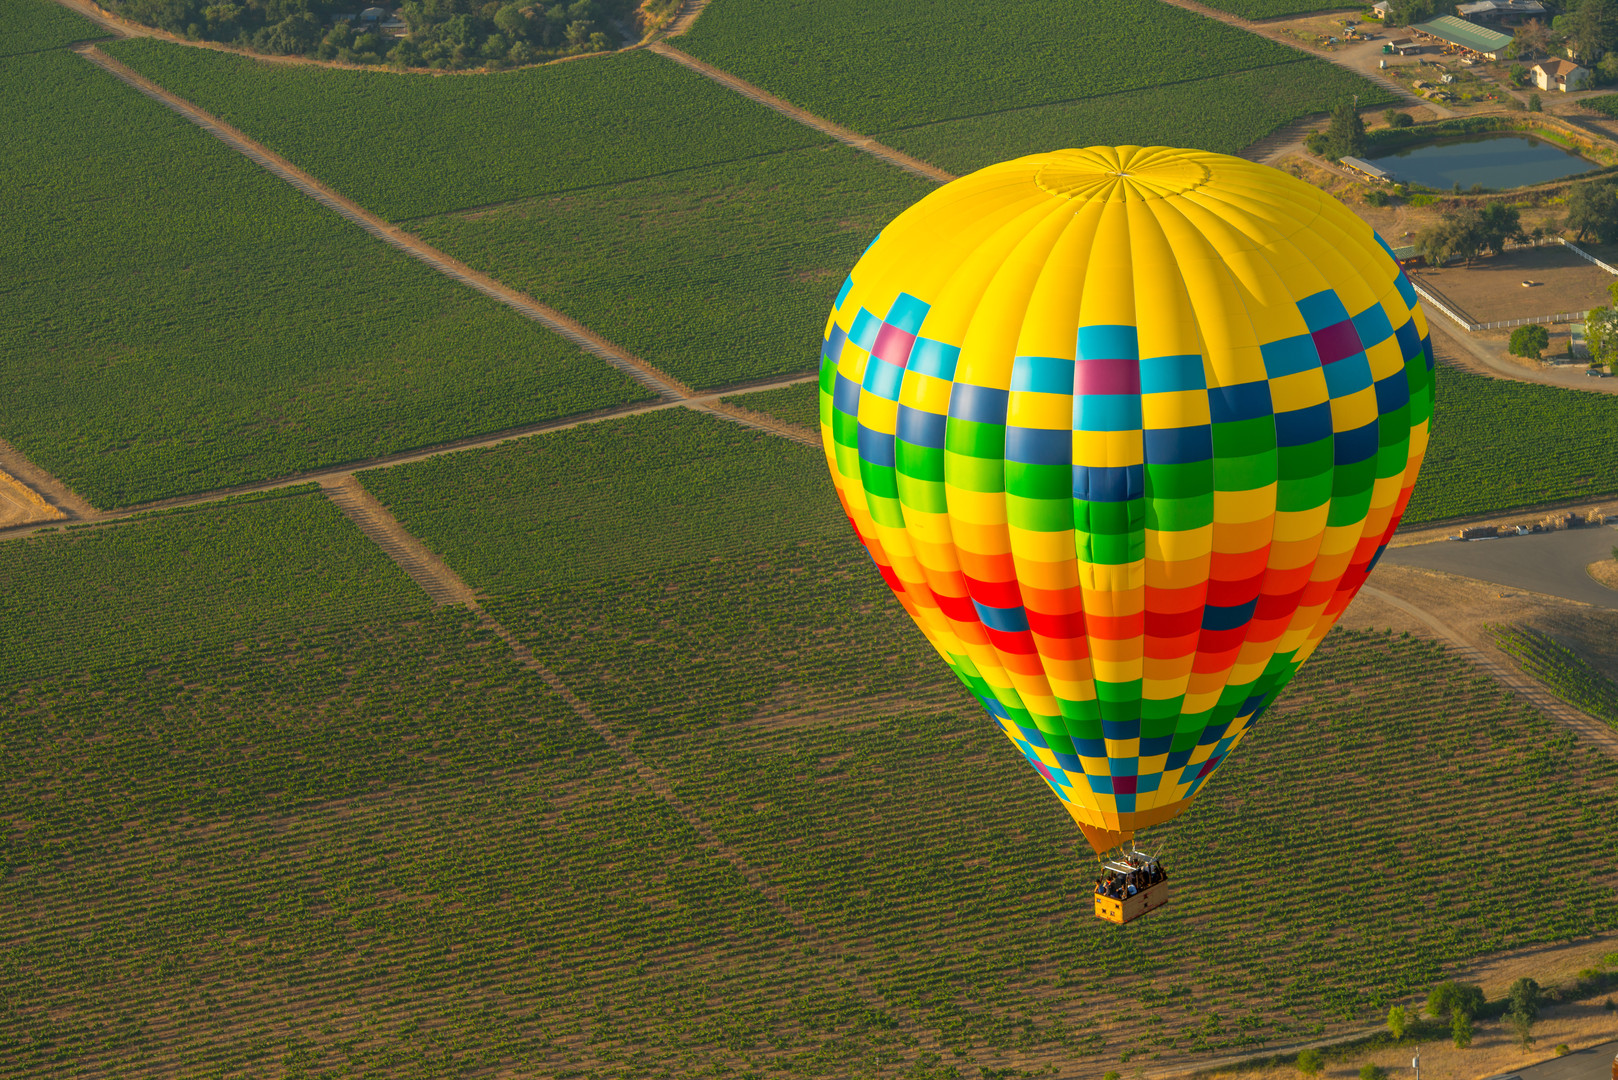 NAPA hot air balloon 5.jpg